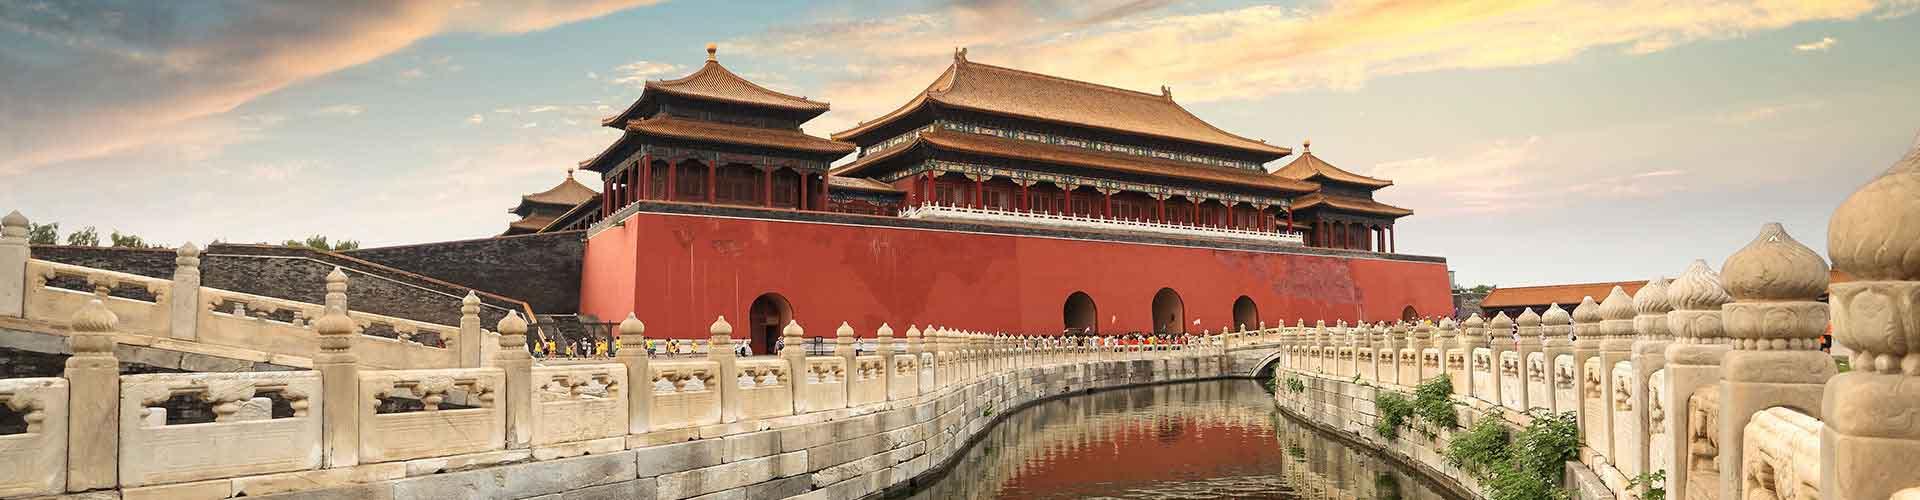 베이징 - 베이징에 있는 호스텔. 베이징의 지도, 베이징에 위치한 호스텔 사진 및 후기 정보.